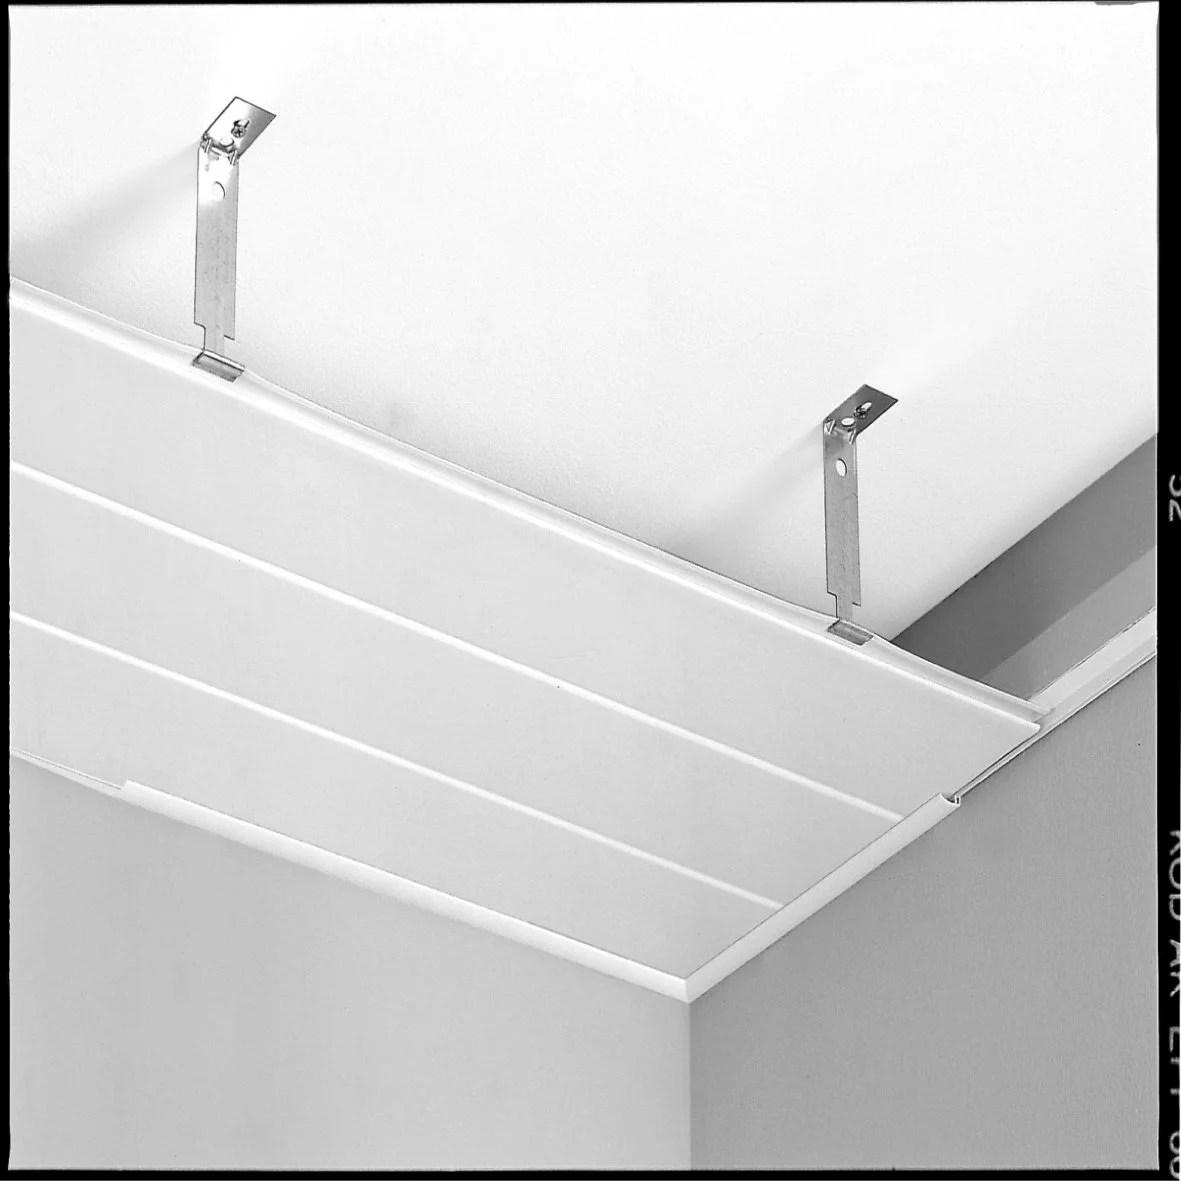 Lot De 10 Suspentes Pour Plafond Lambris Grosfillex 15cm Leroy Merlin